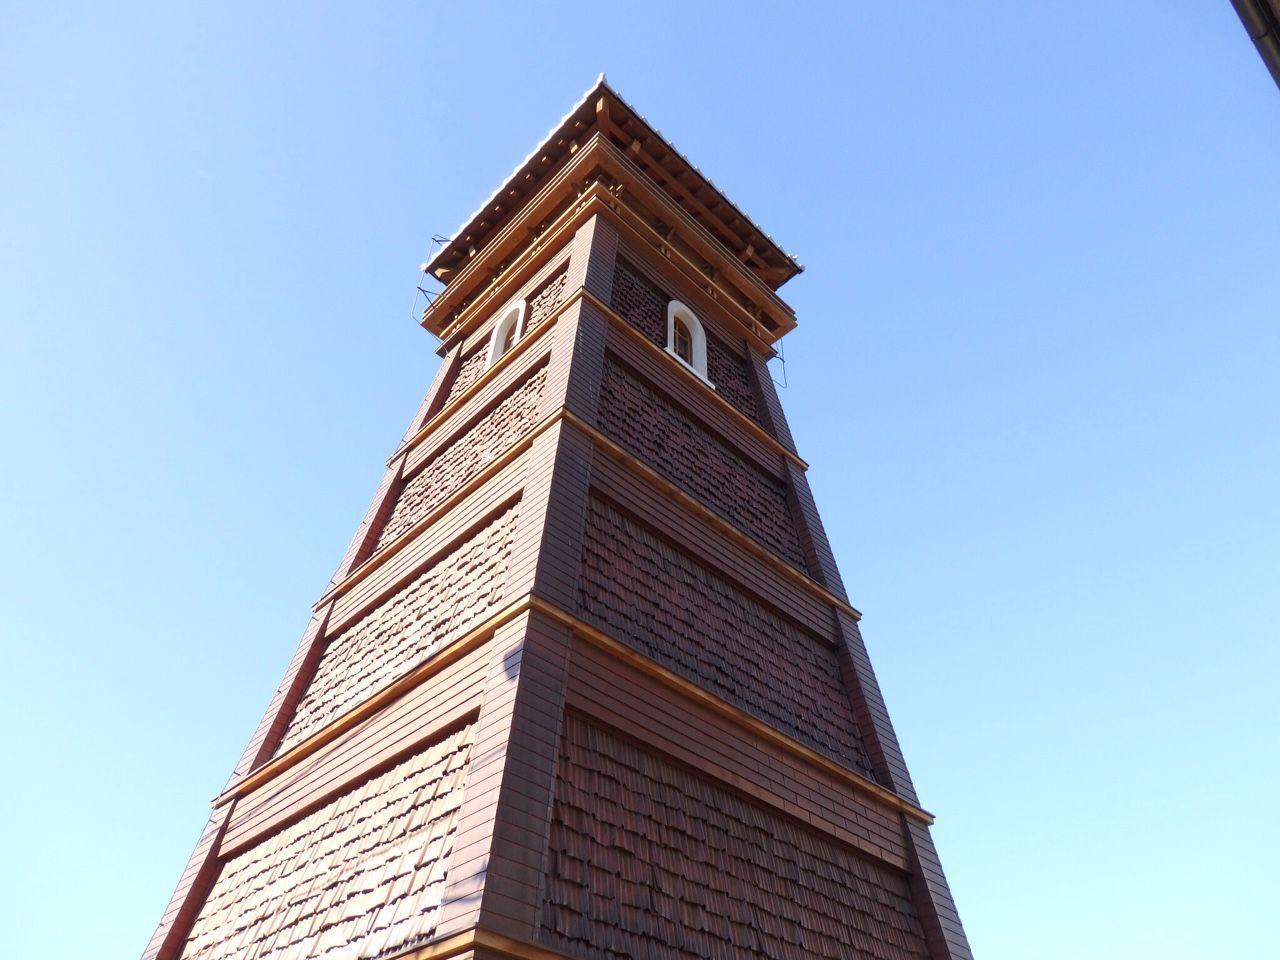 甲州夢小路のシンボル「時の鐘」の魅力と遊び心